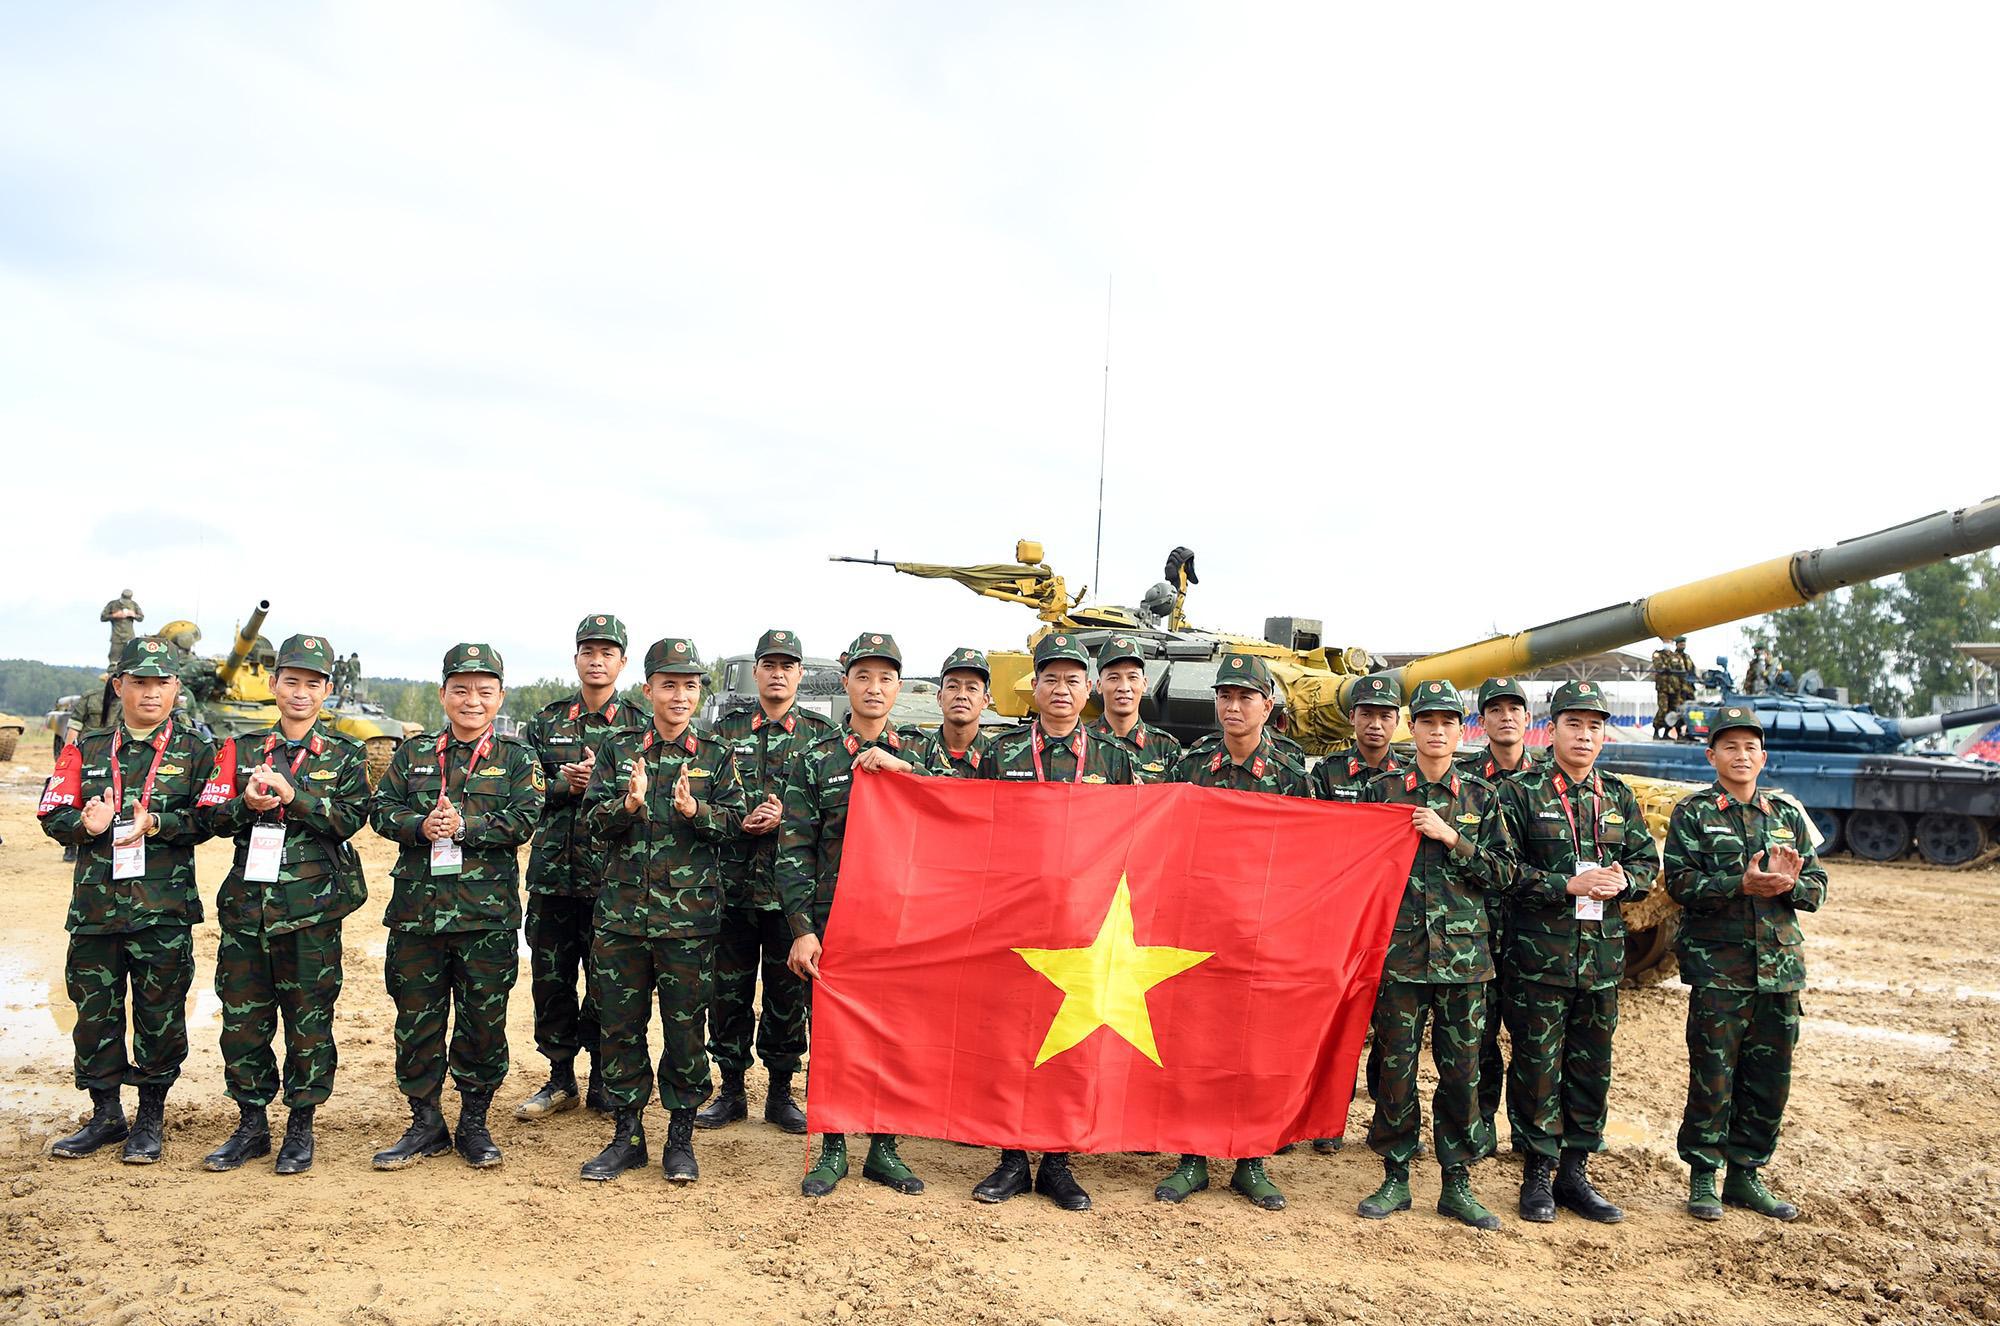 Hình ảnh xe tăng Việt Nam hùng dũng thi đấu ở trận 2 Tank Biathlon - Army Games 2020 - Ảnh 8.